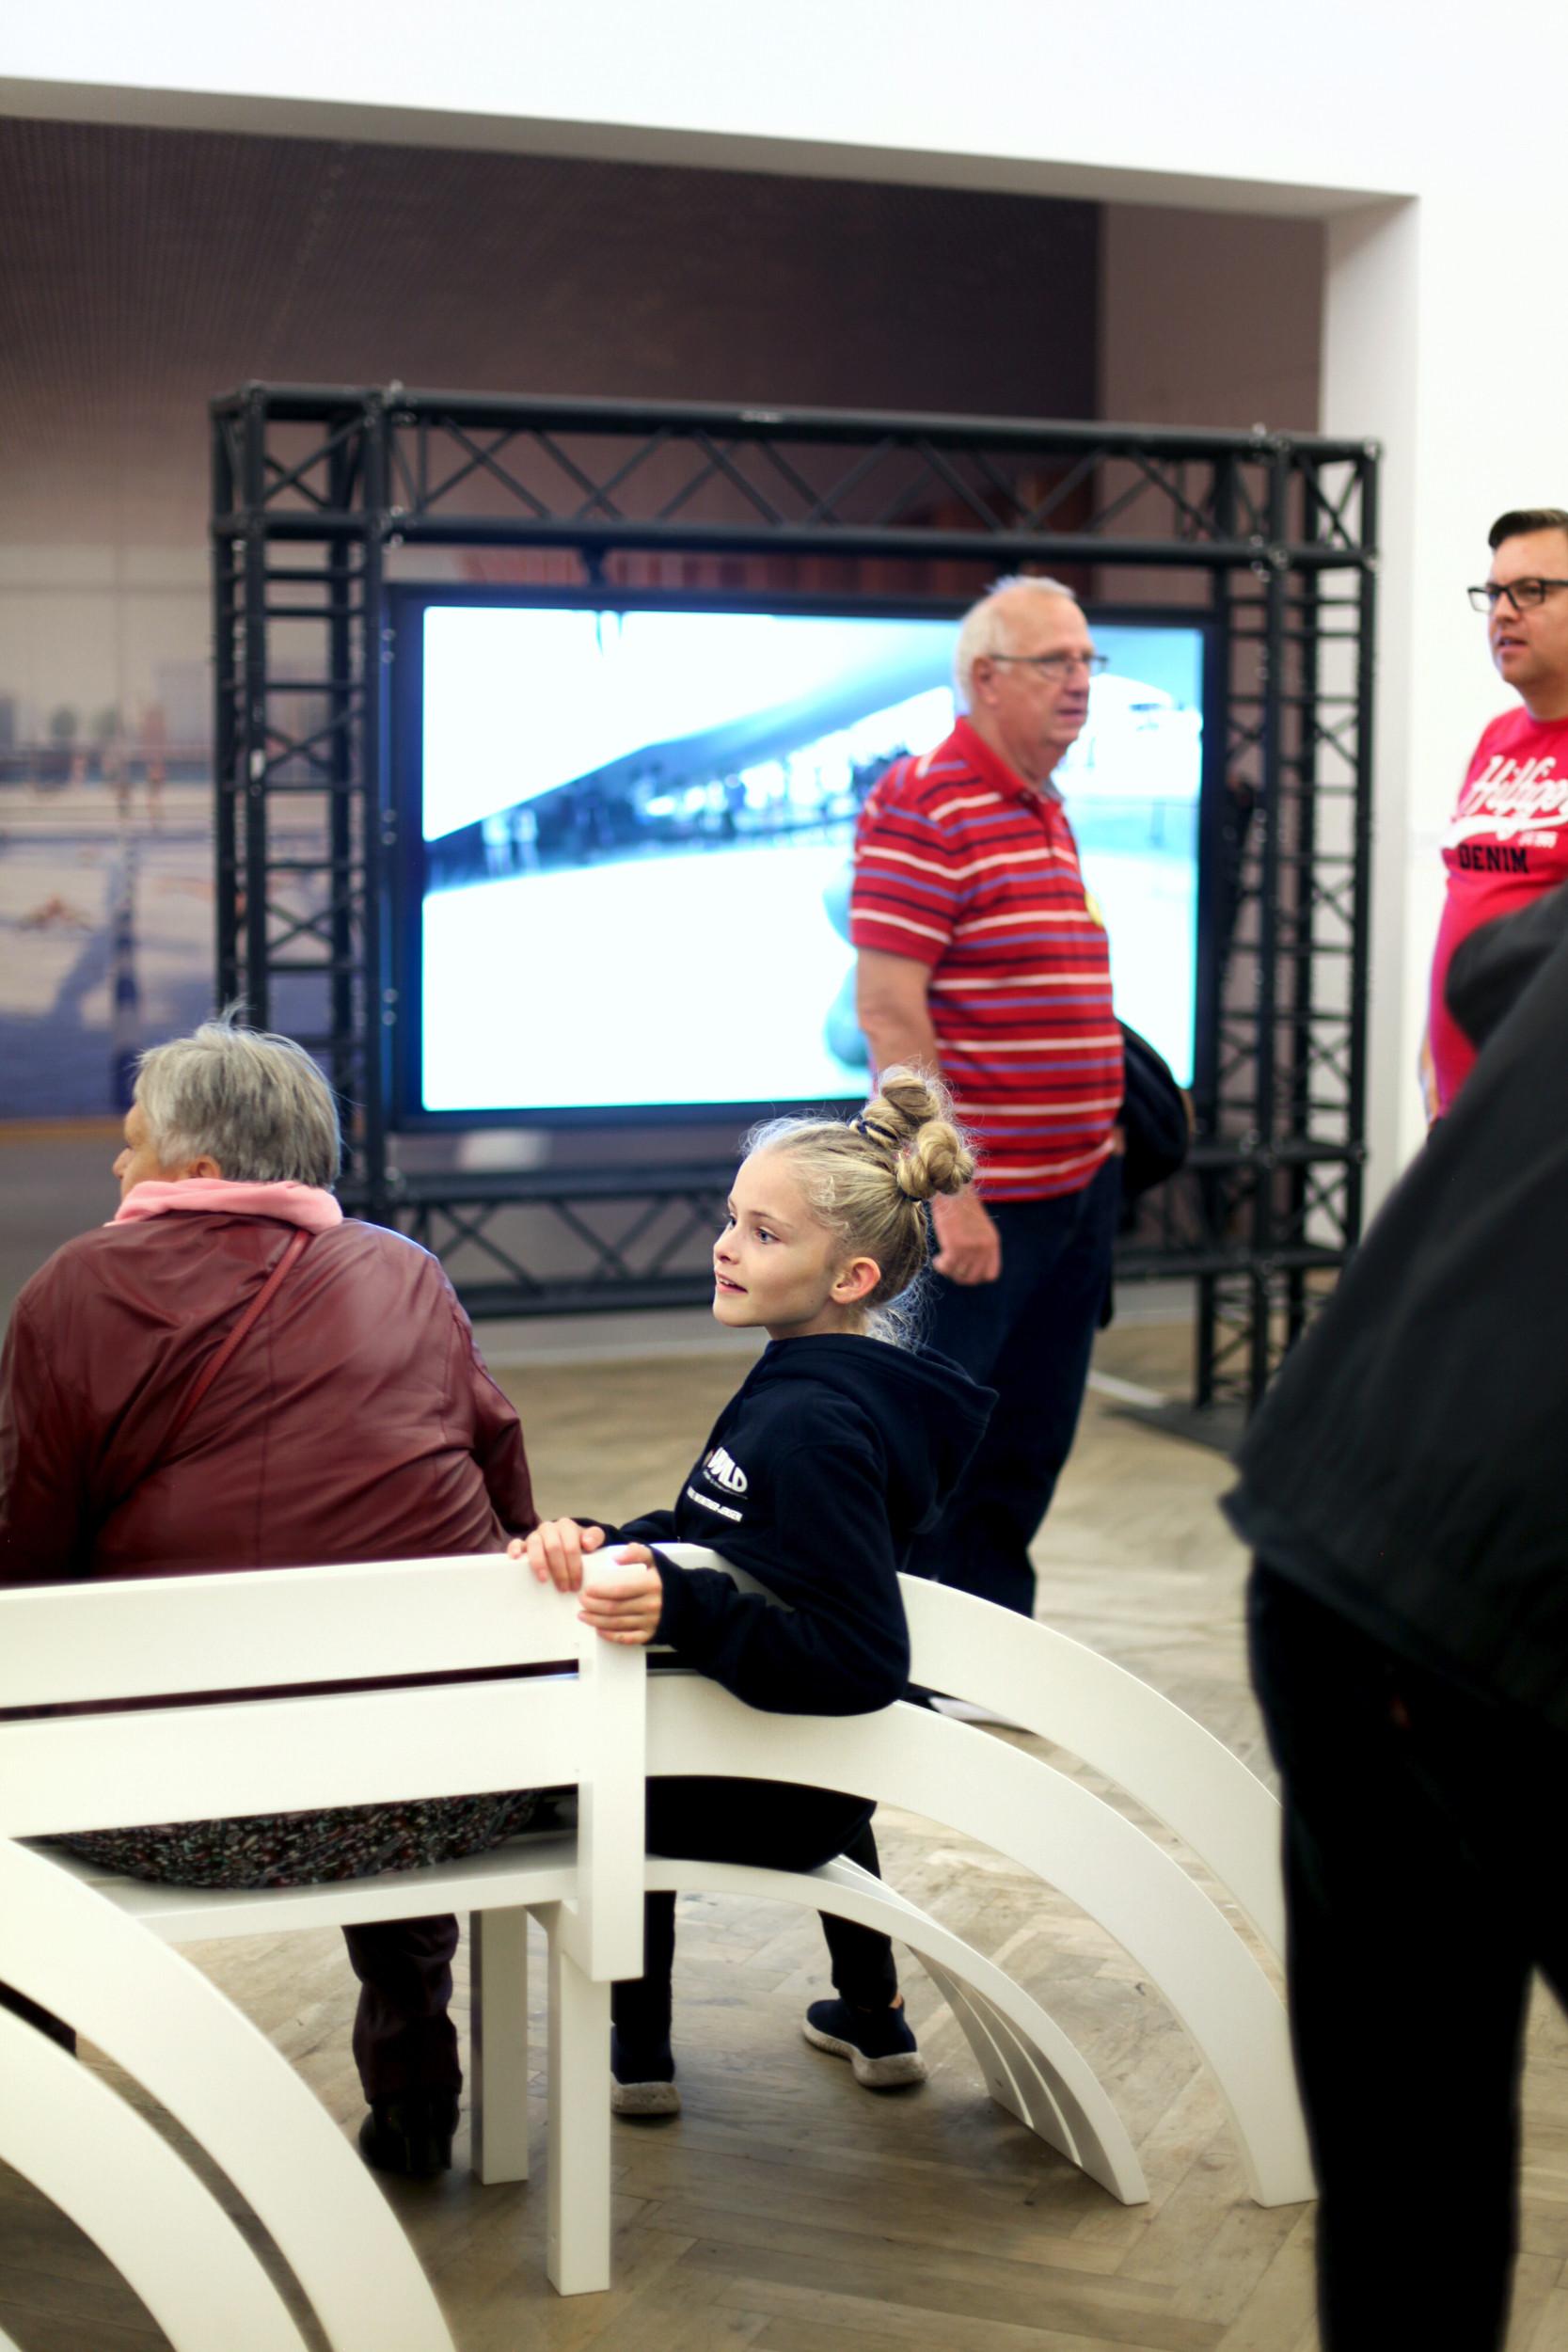 vilde livsdatter_exhibitions-.jpg